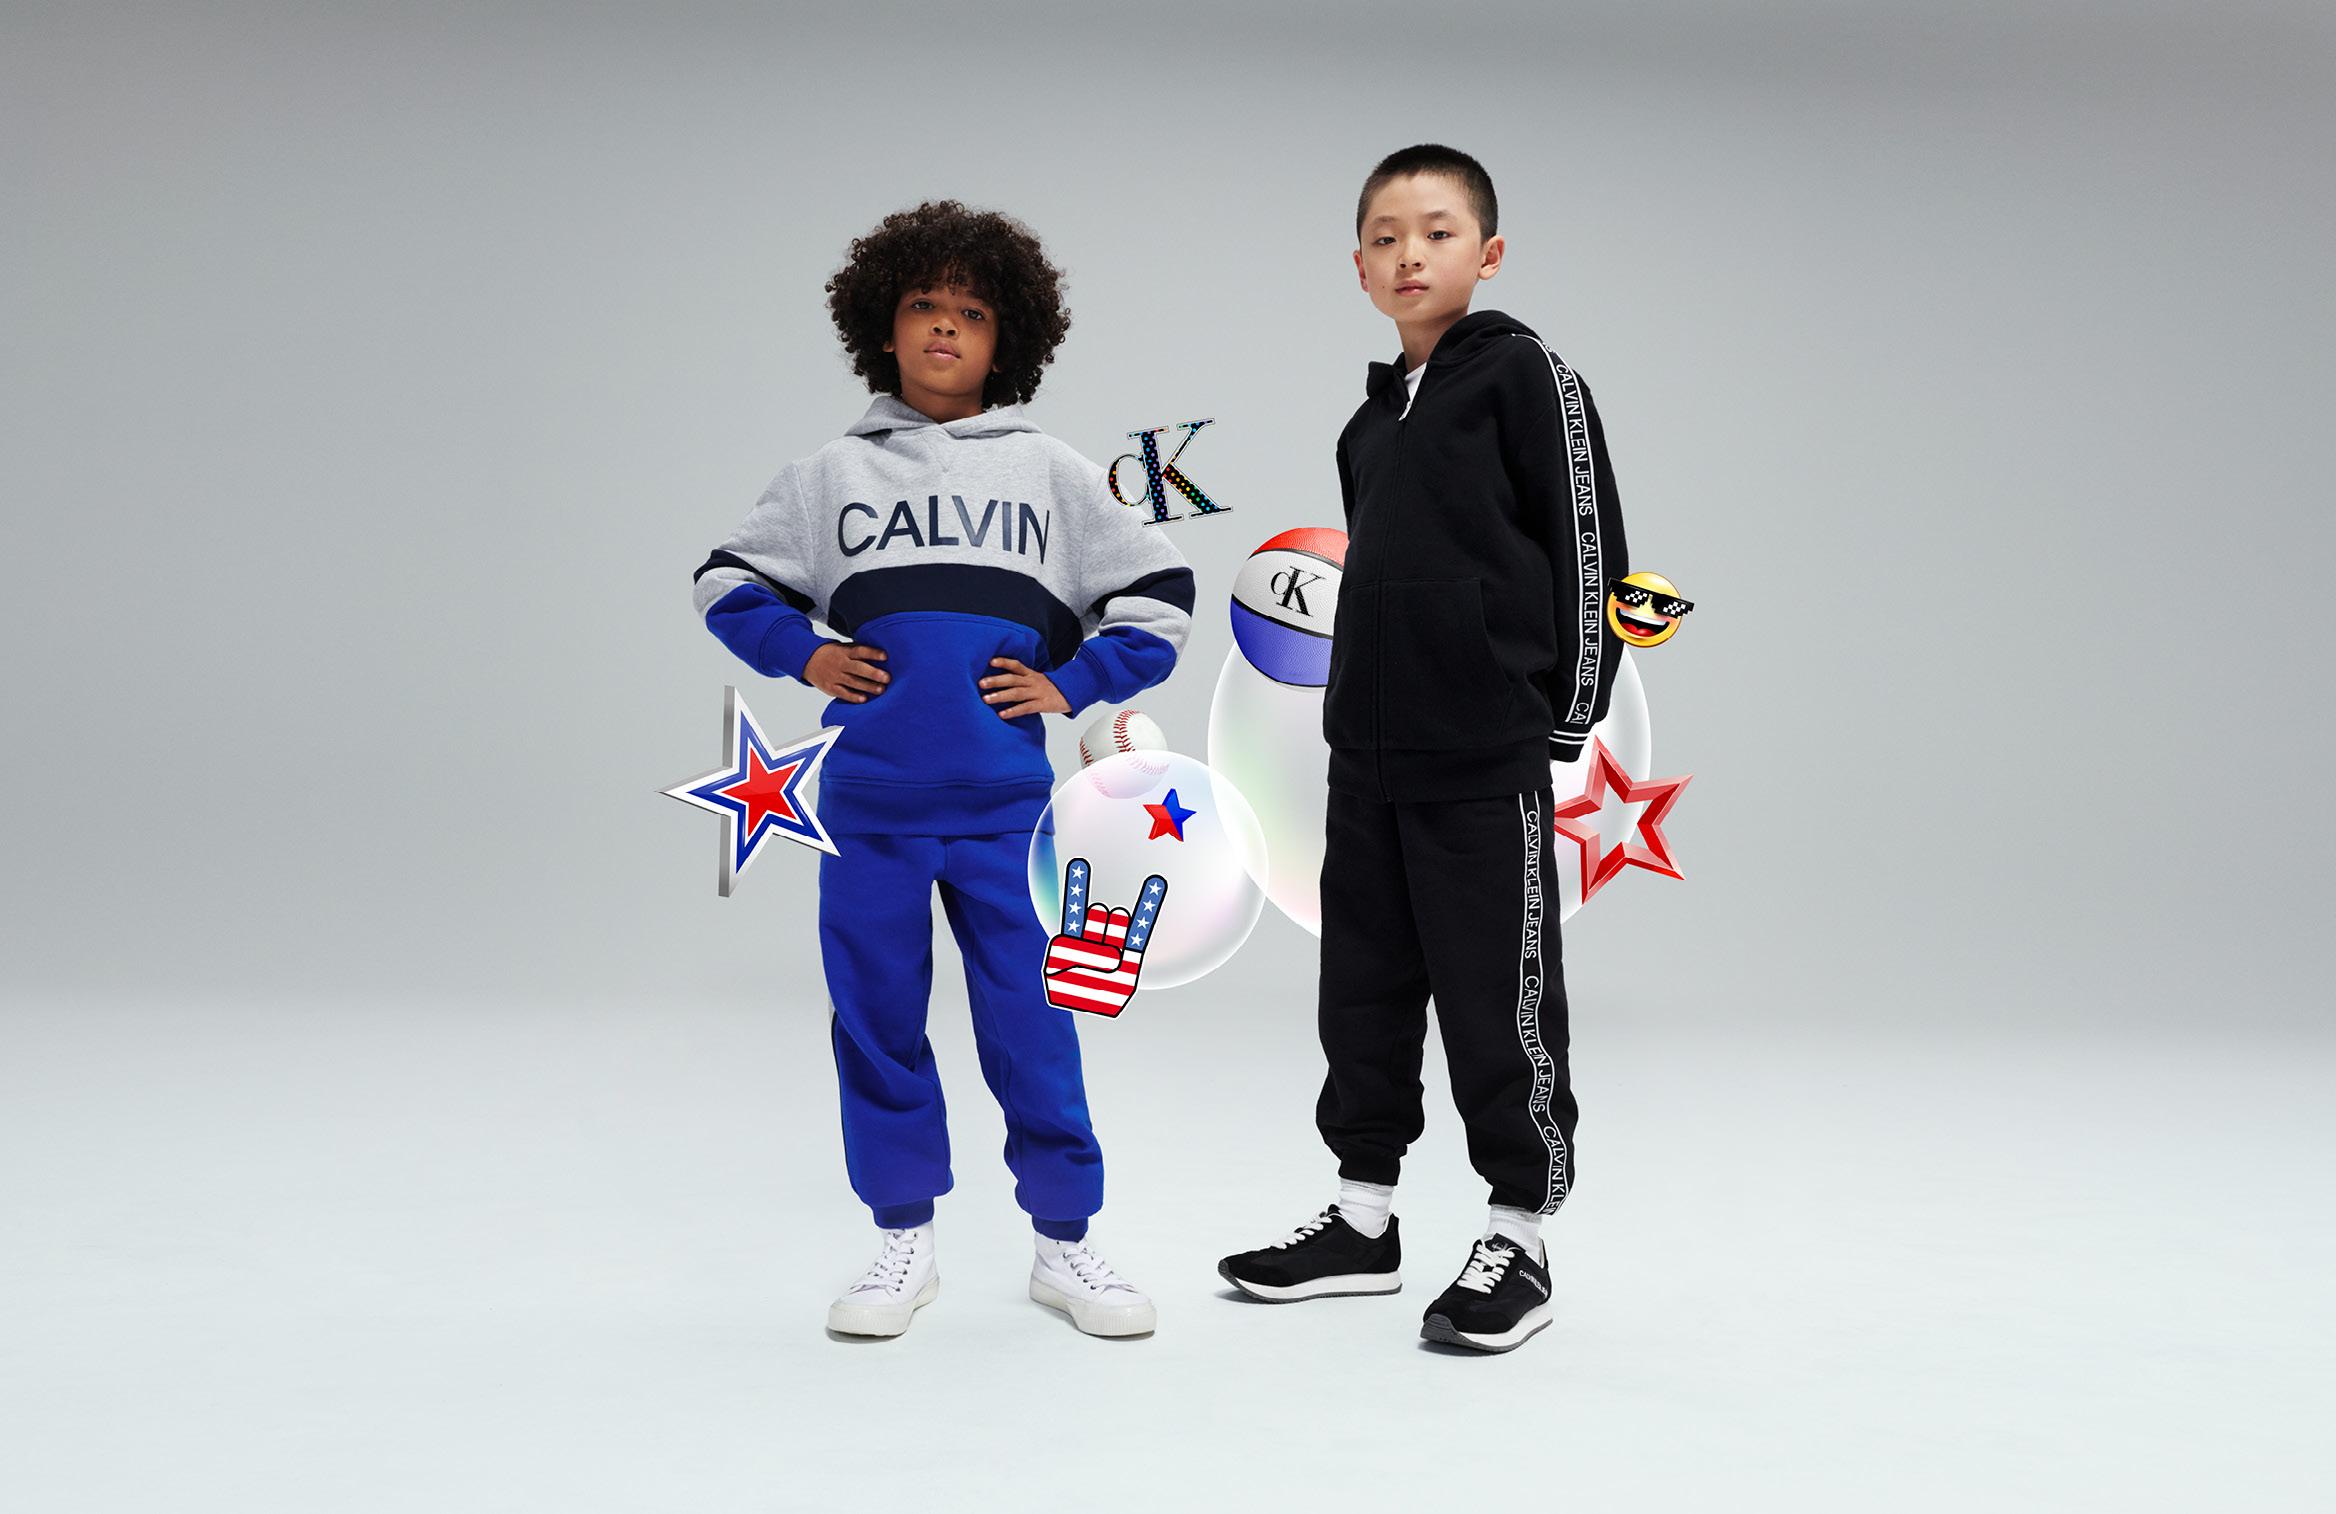 calvin-klein-2